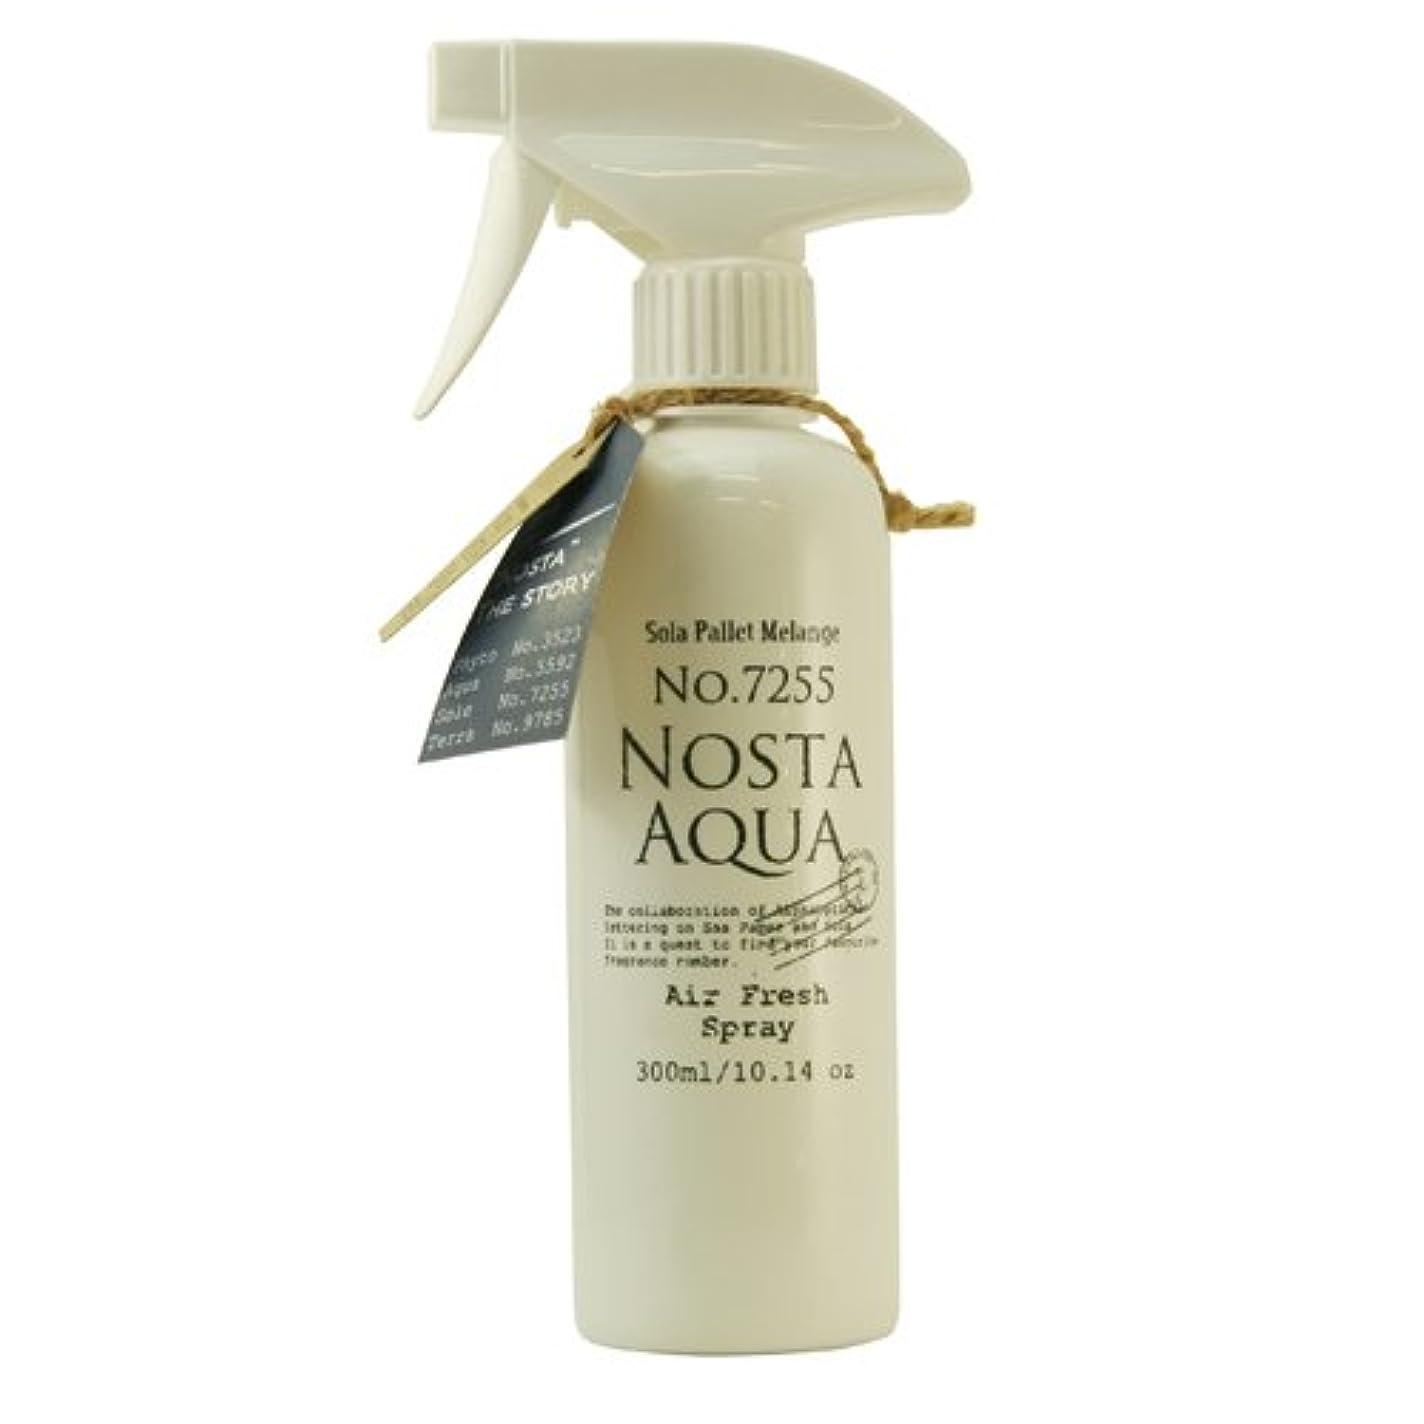 バケツ治療ファントムNosta ノスタ Air Fresh Spray エアーフレッシュスプレー(ルームスプレー)Aqua アクア / 生命の起源